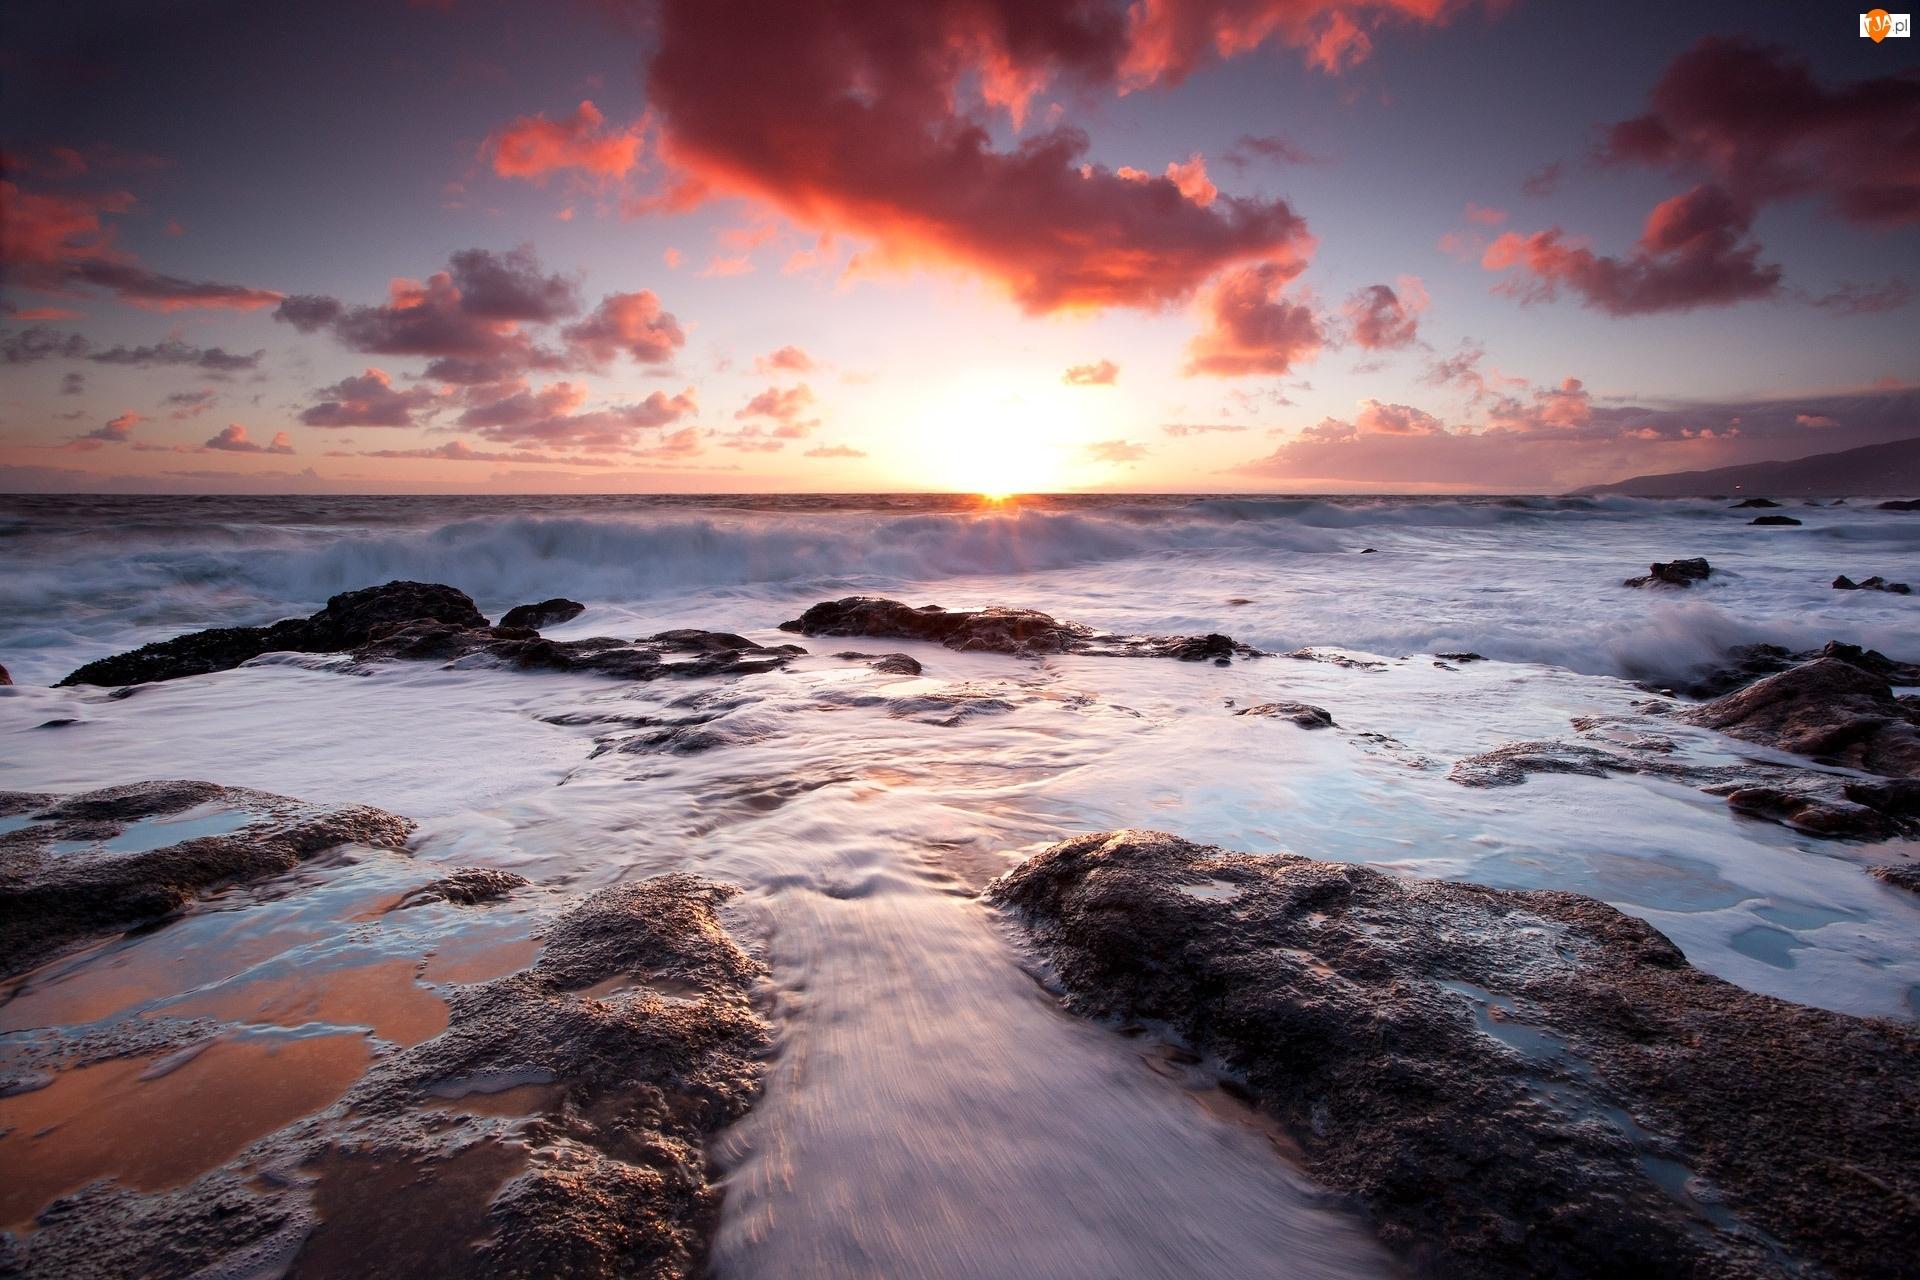 Morze, Słońca, Fale, Zachód